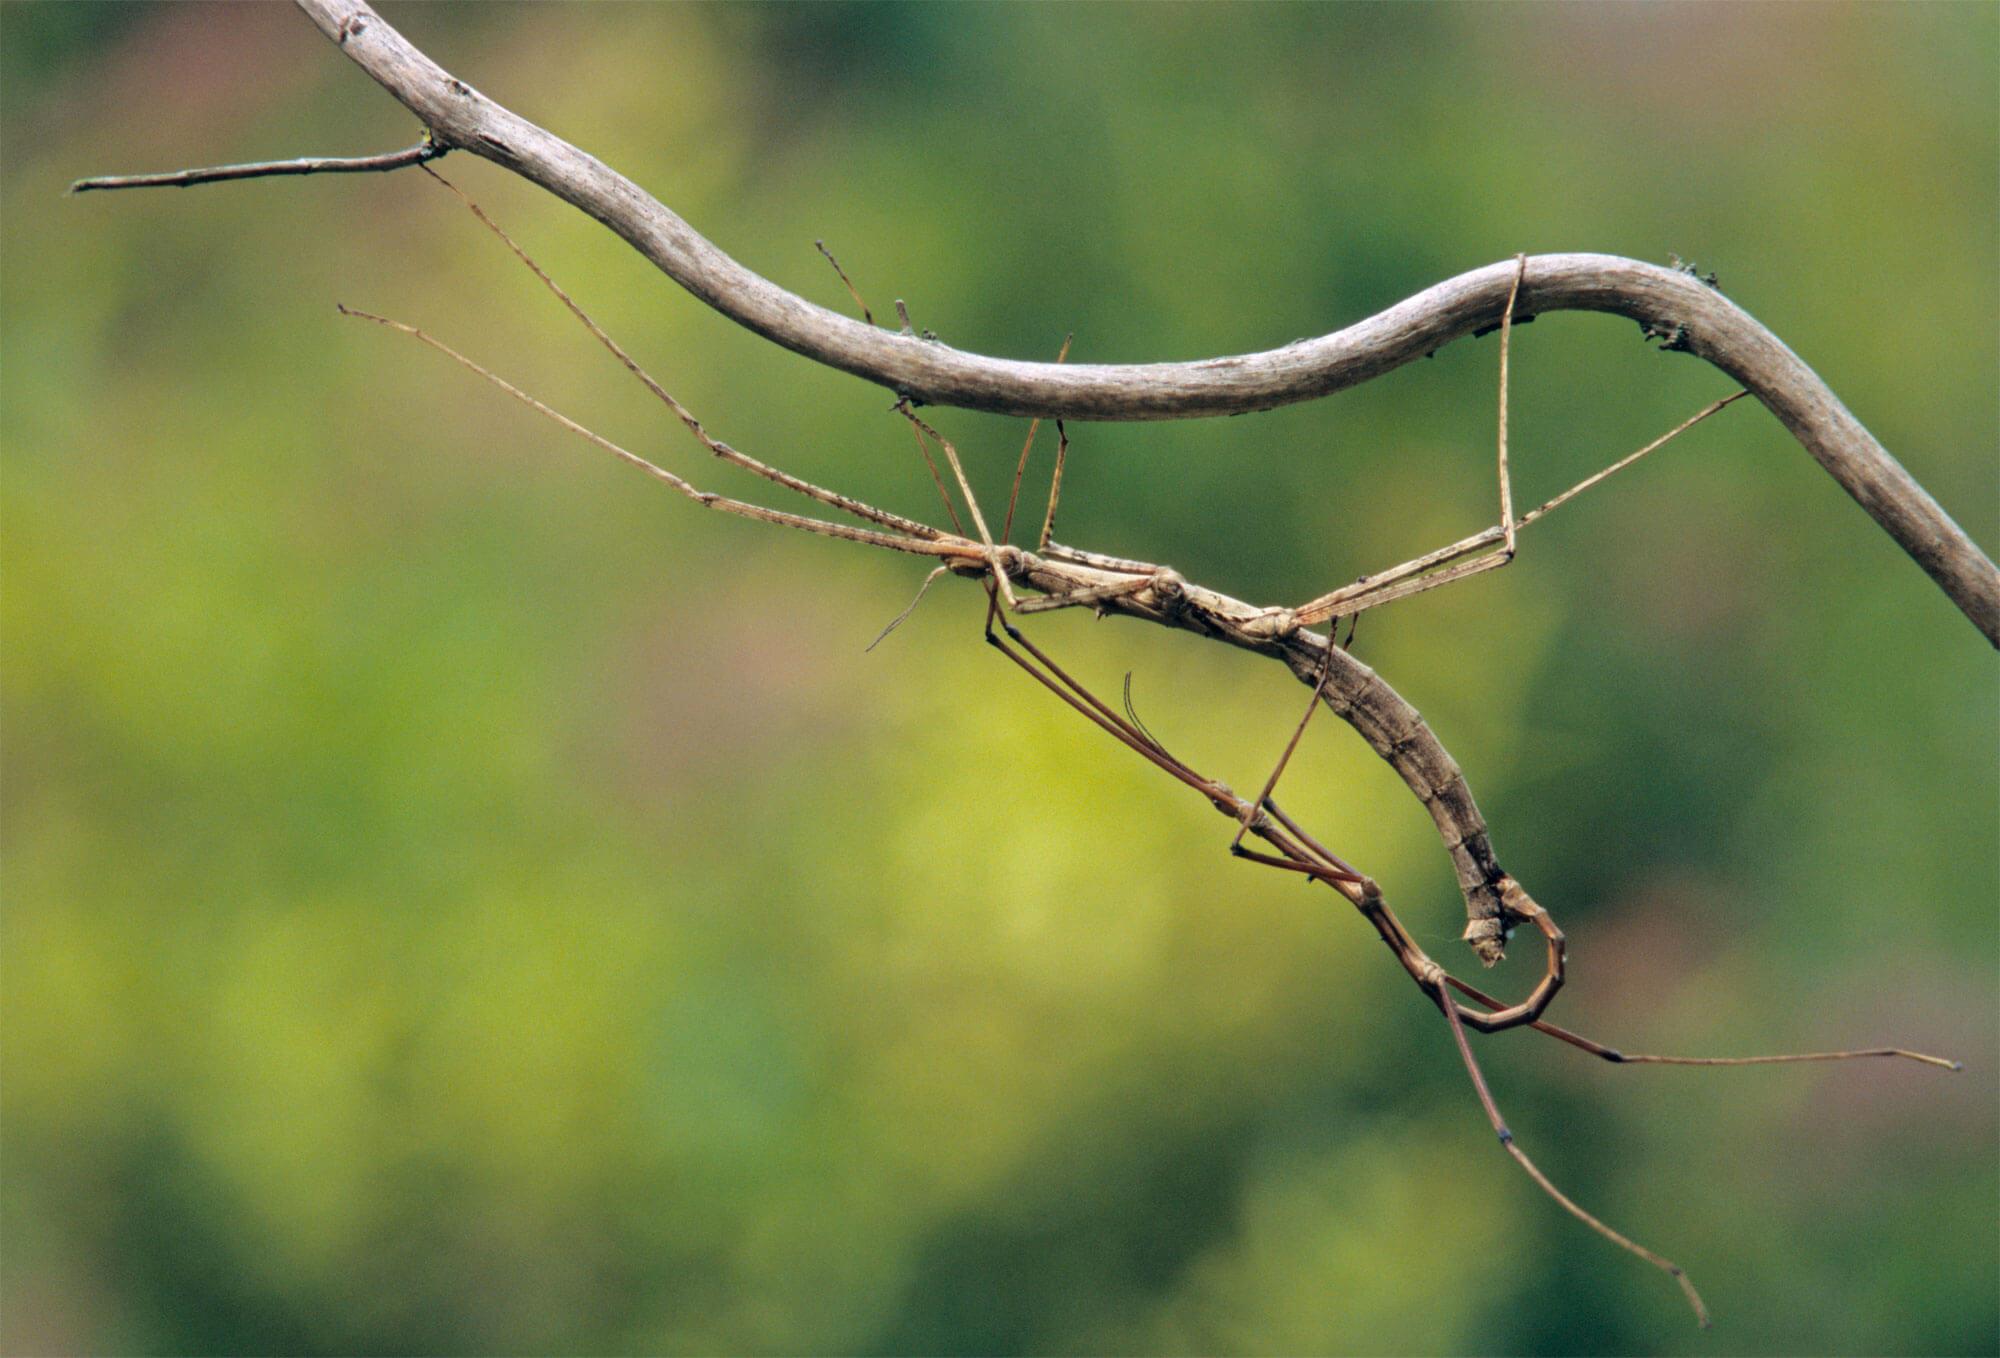 Reproduction animale : Leçon N°6 : Tout miser sur un coup - La Salamandre